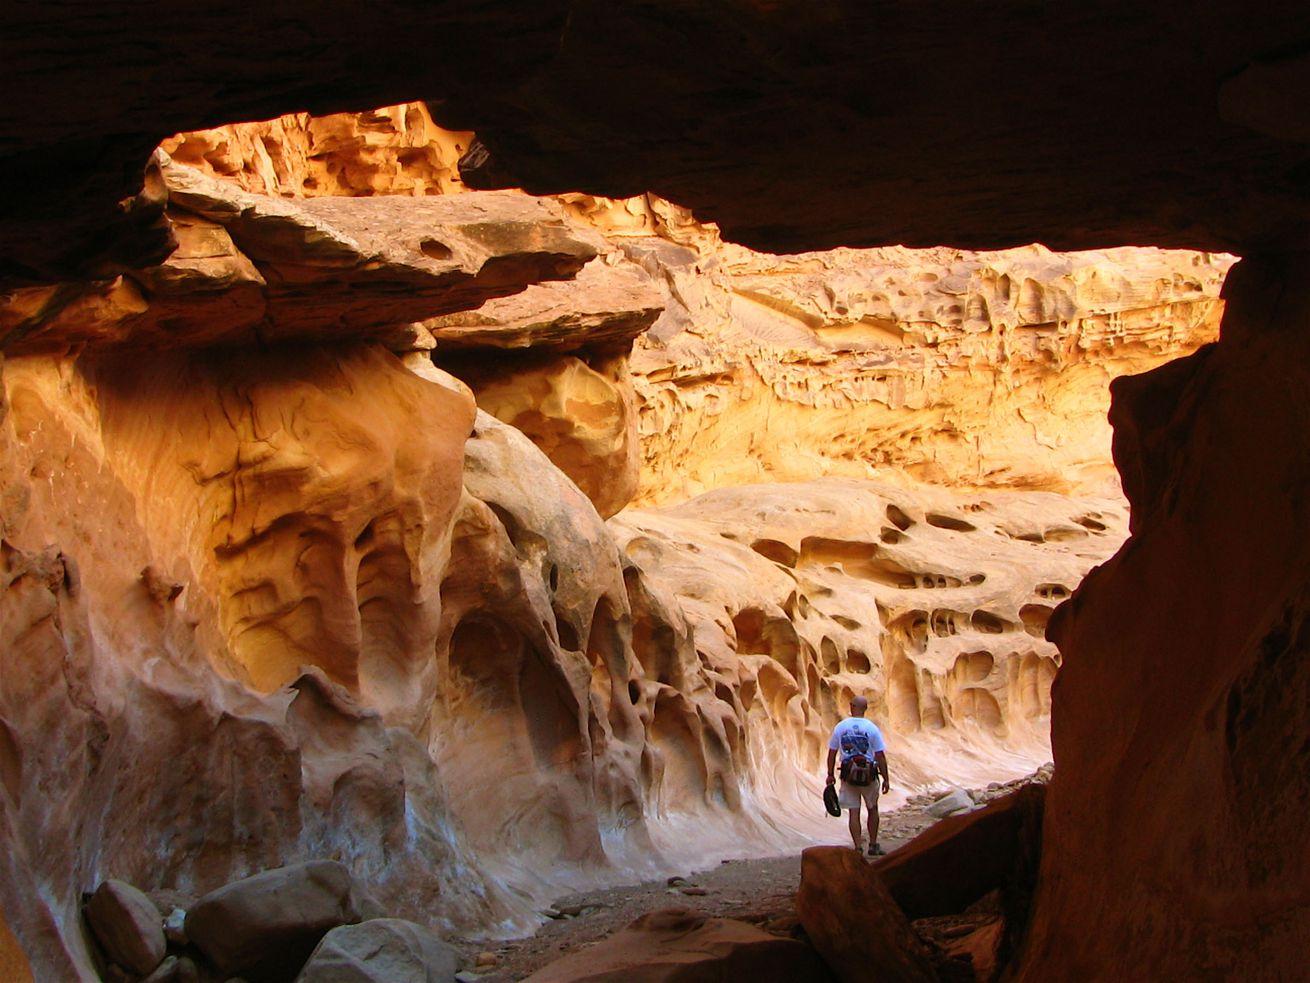 More southeast Utah closures, as visitors flood San Rafael to camp